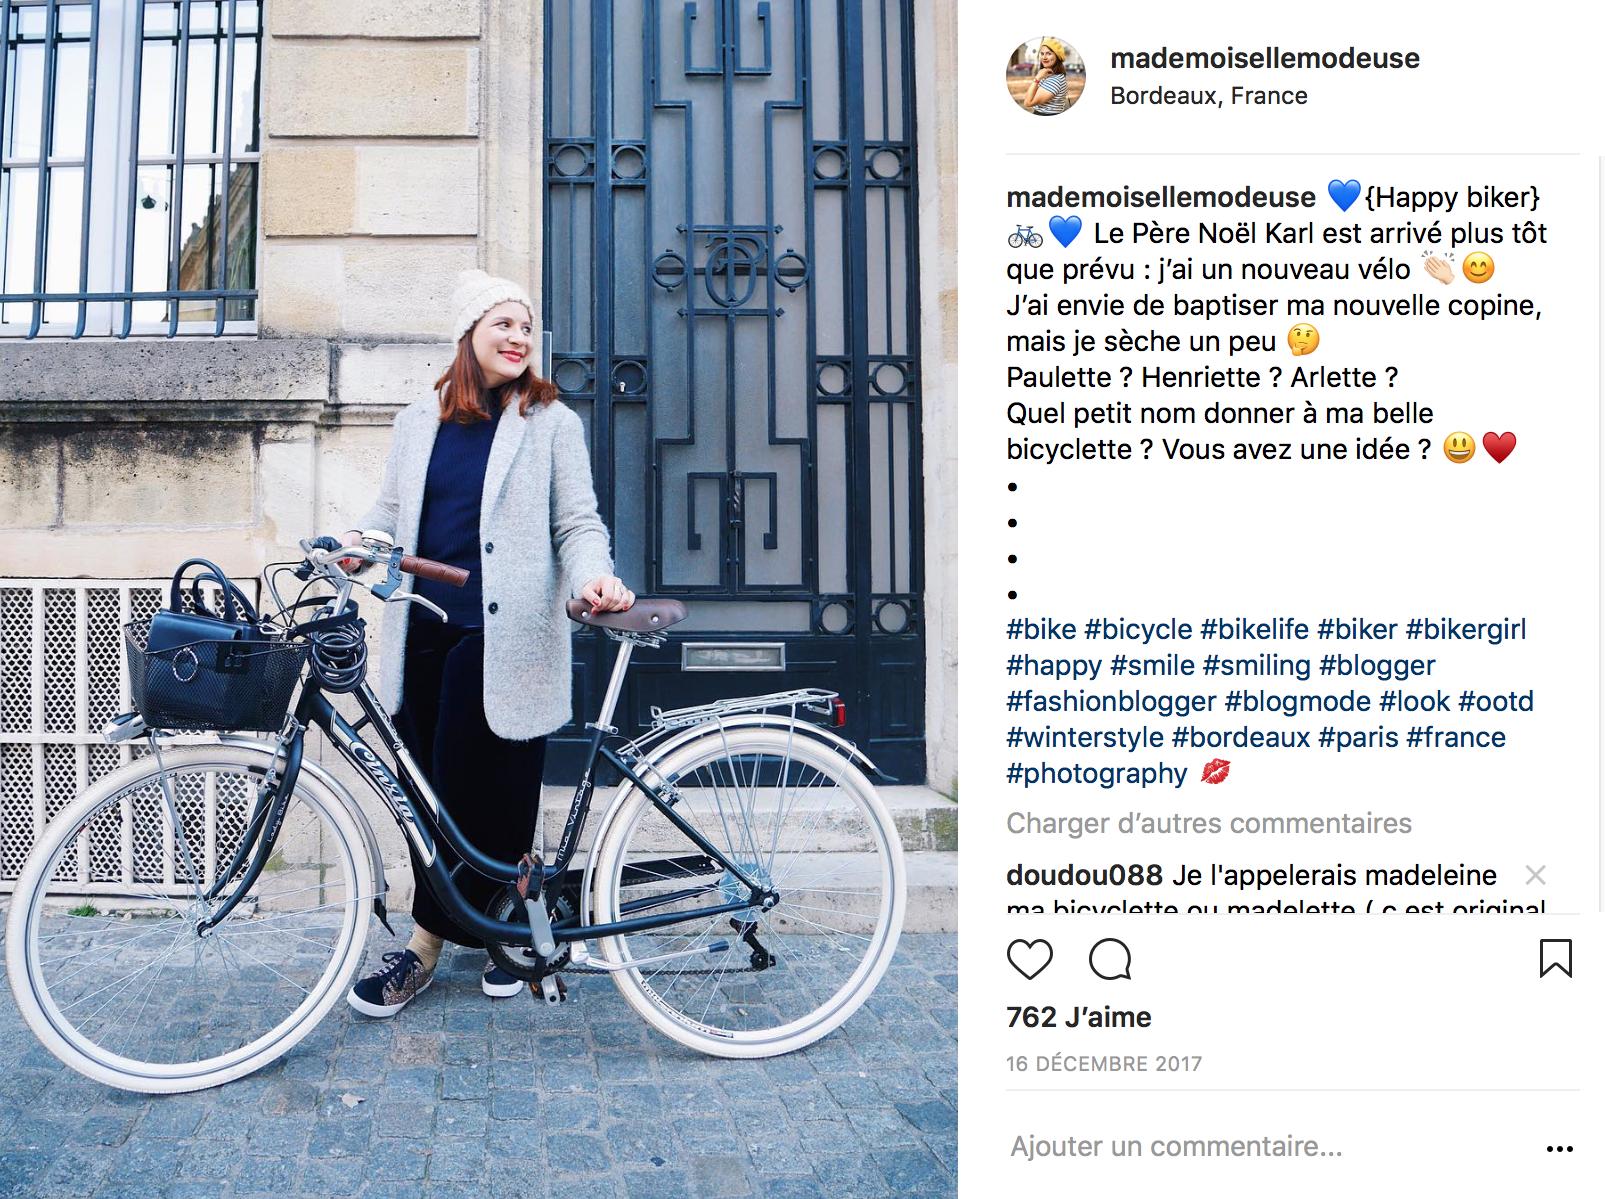 Instagram mademoiselle modeuse